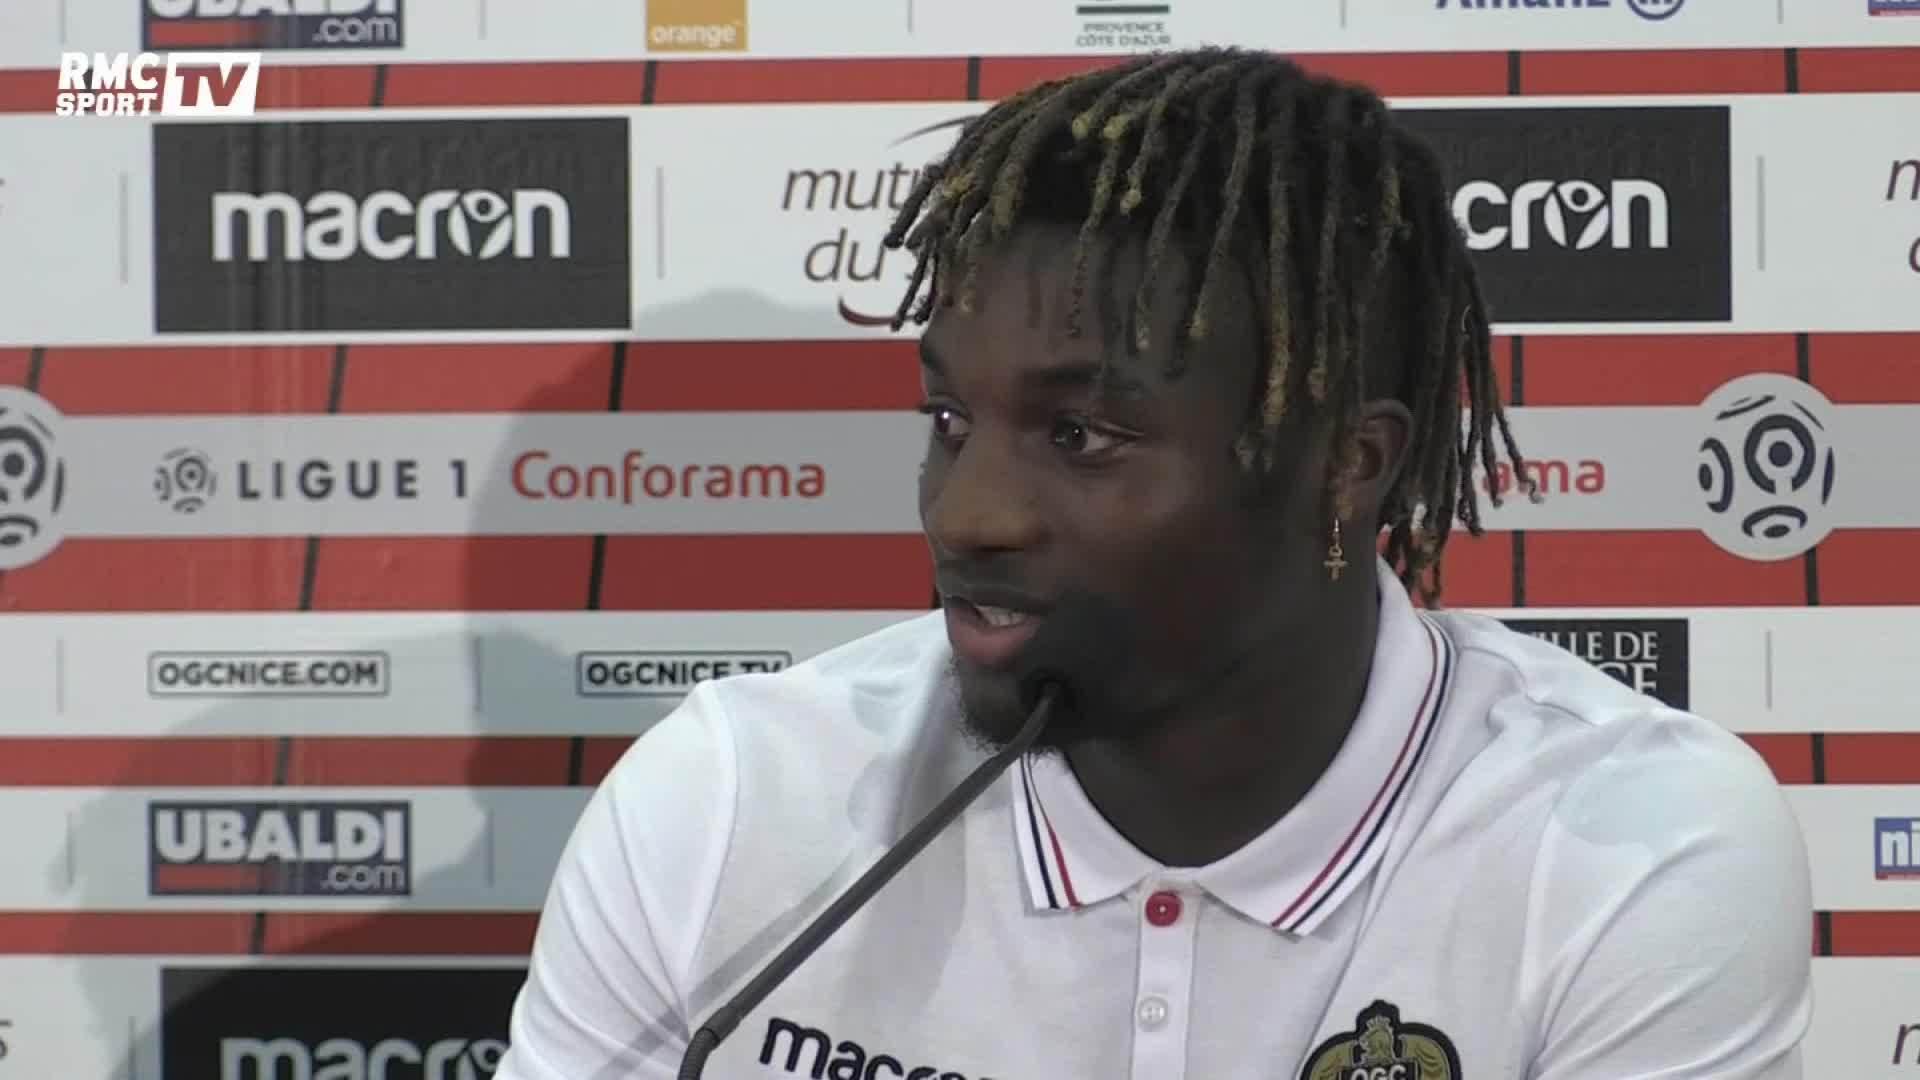 OGC Nice - Mercato : Allan Saint-Maximin parle de son avenir